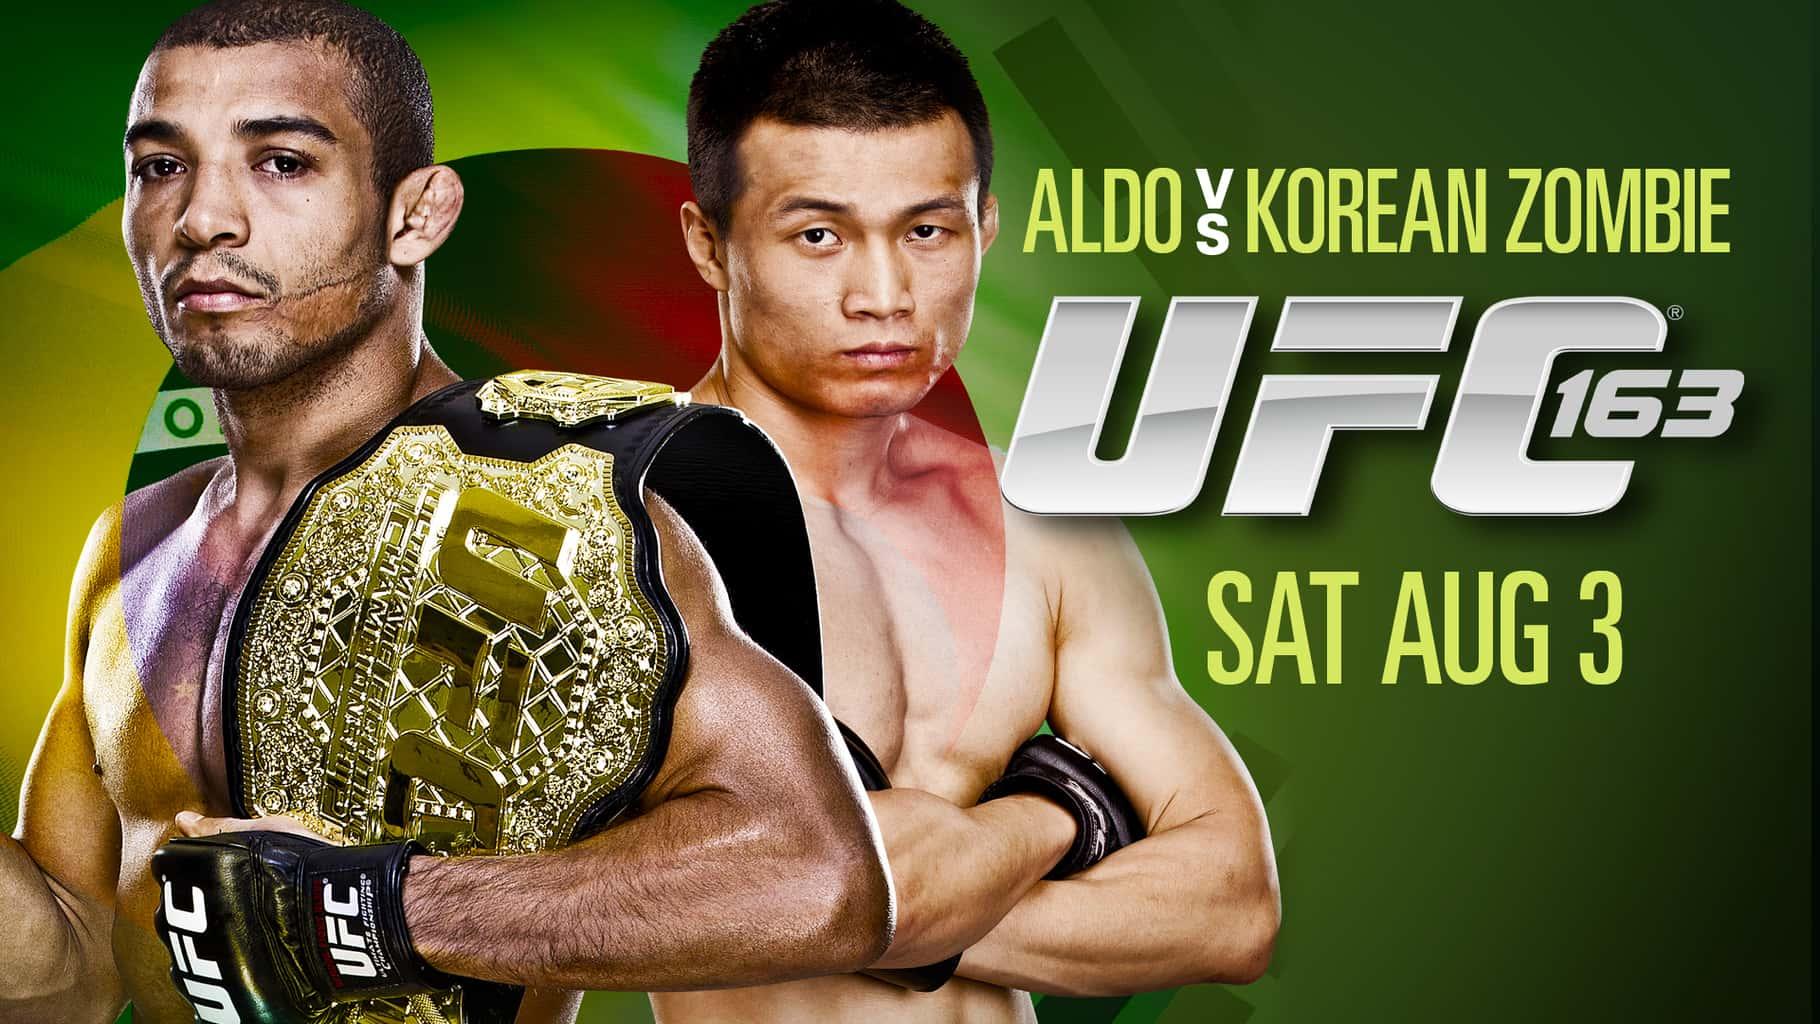 UFC 163: Aldo vs Korean Zombie - Cobertura y resultados en vivo - Jose Aldo vence a Korean Zombie por TKO  y retiene su cinturón de peso pluma 8